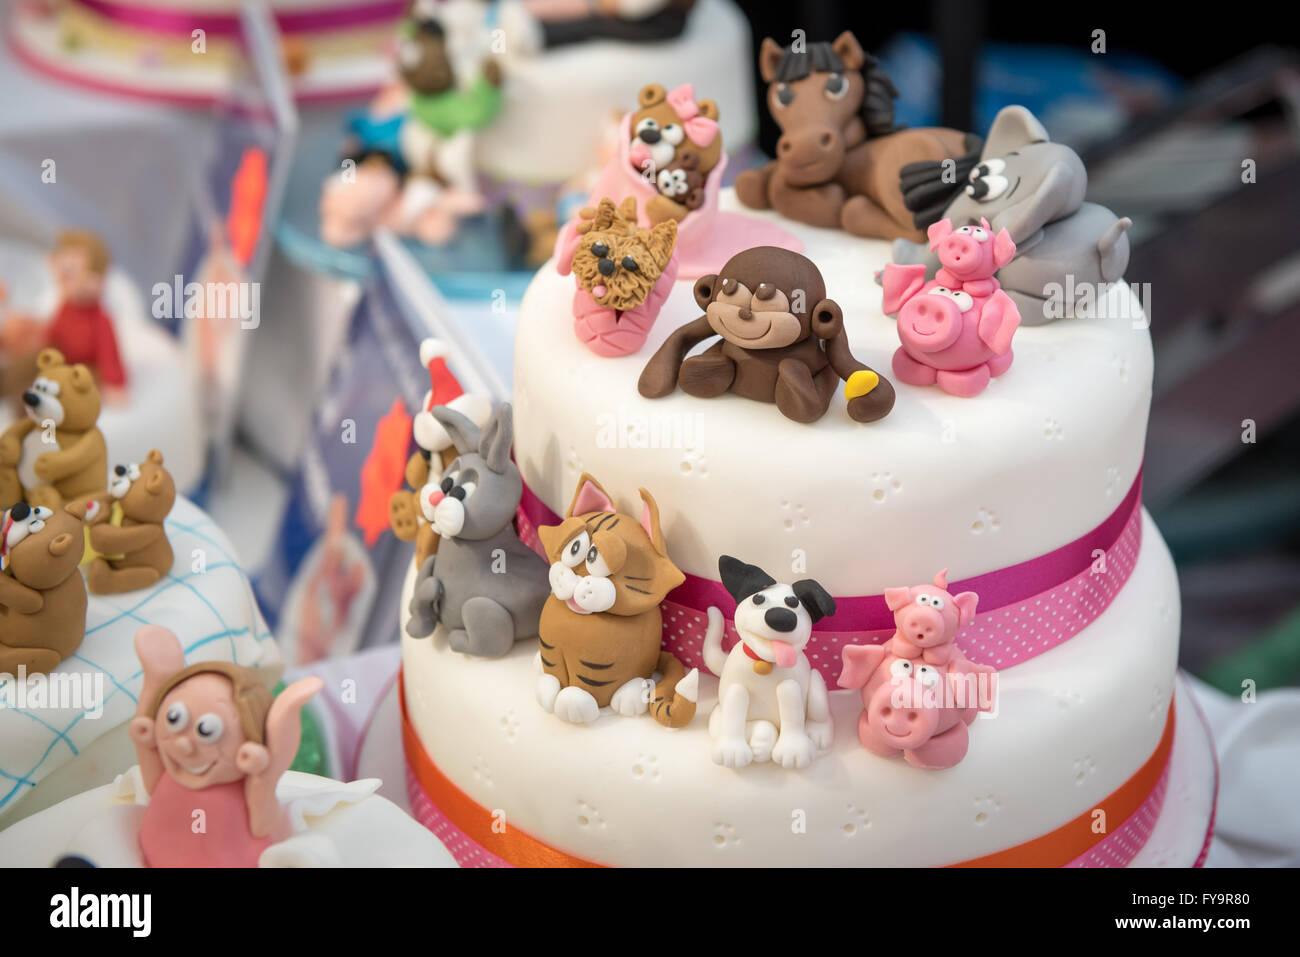 Forma Animal Tartas De Cumpleaños Decoraciones Pastel